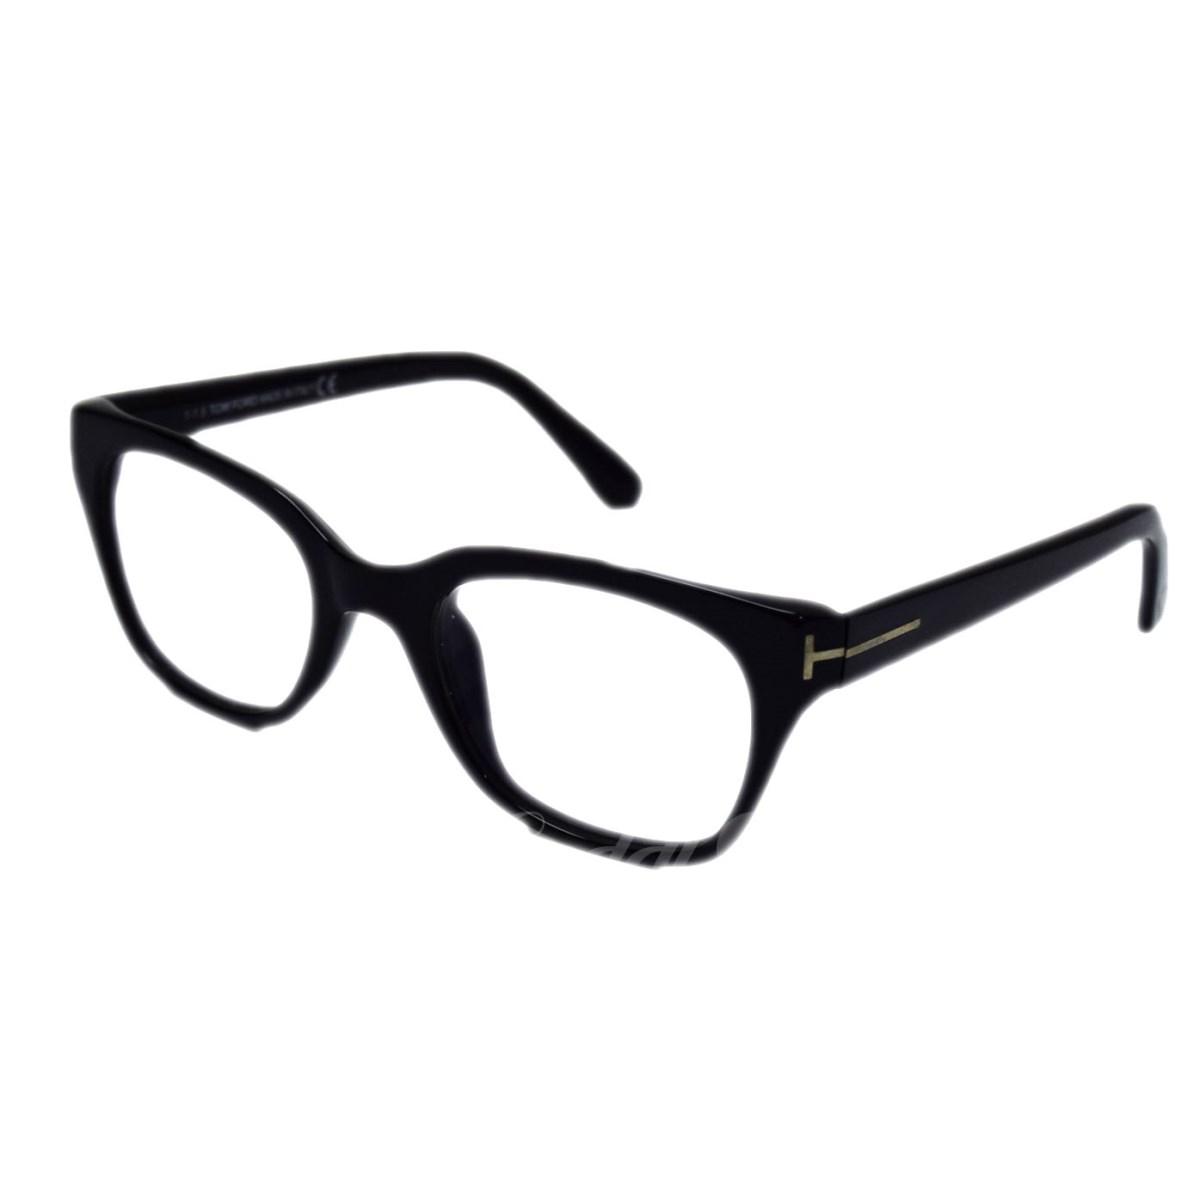 【中古】TOM FORD TF4240 眼鏡 ブラック サイズ:- 【送料無料】 【201018】(トムフォード)